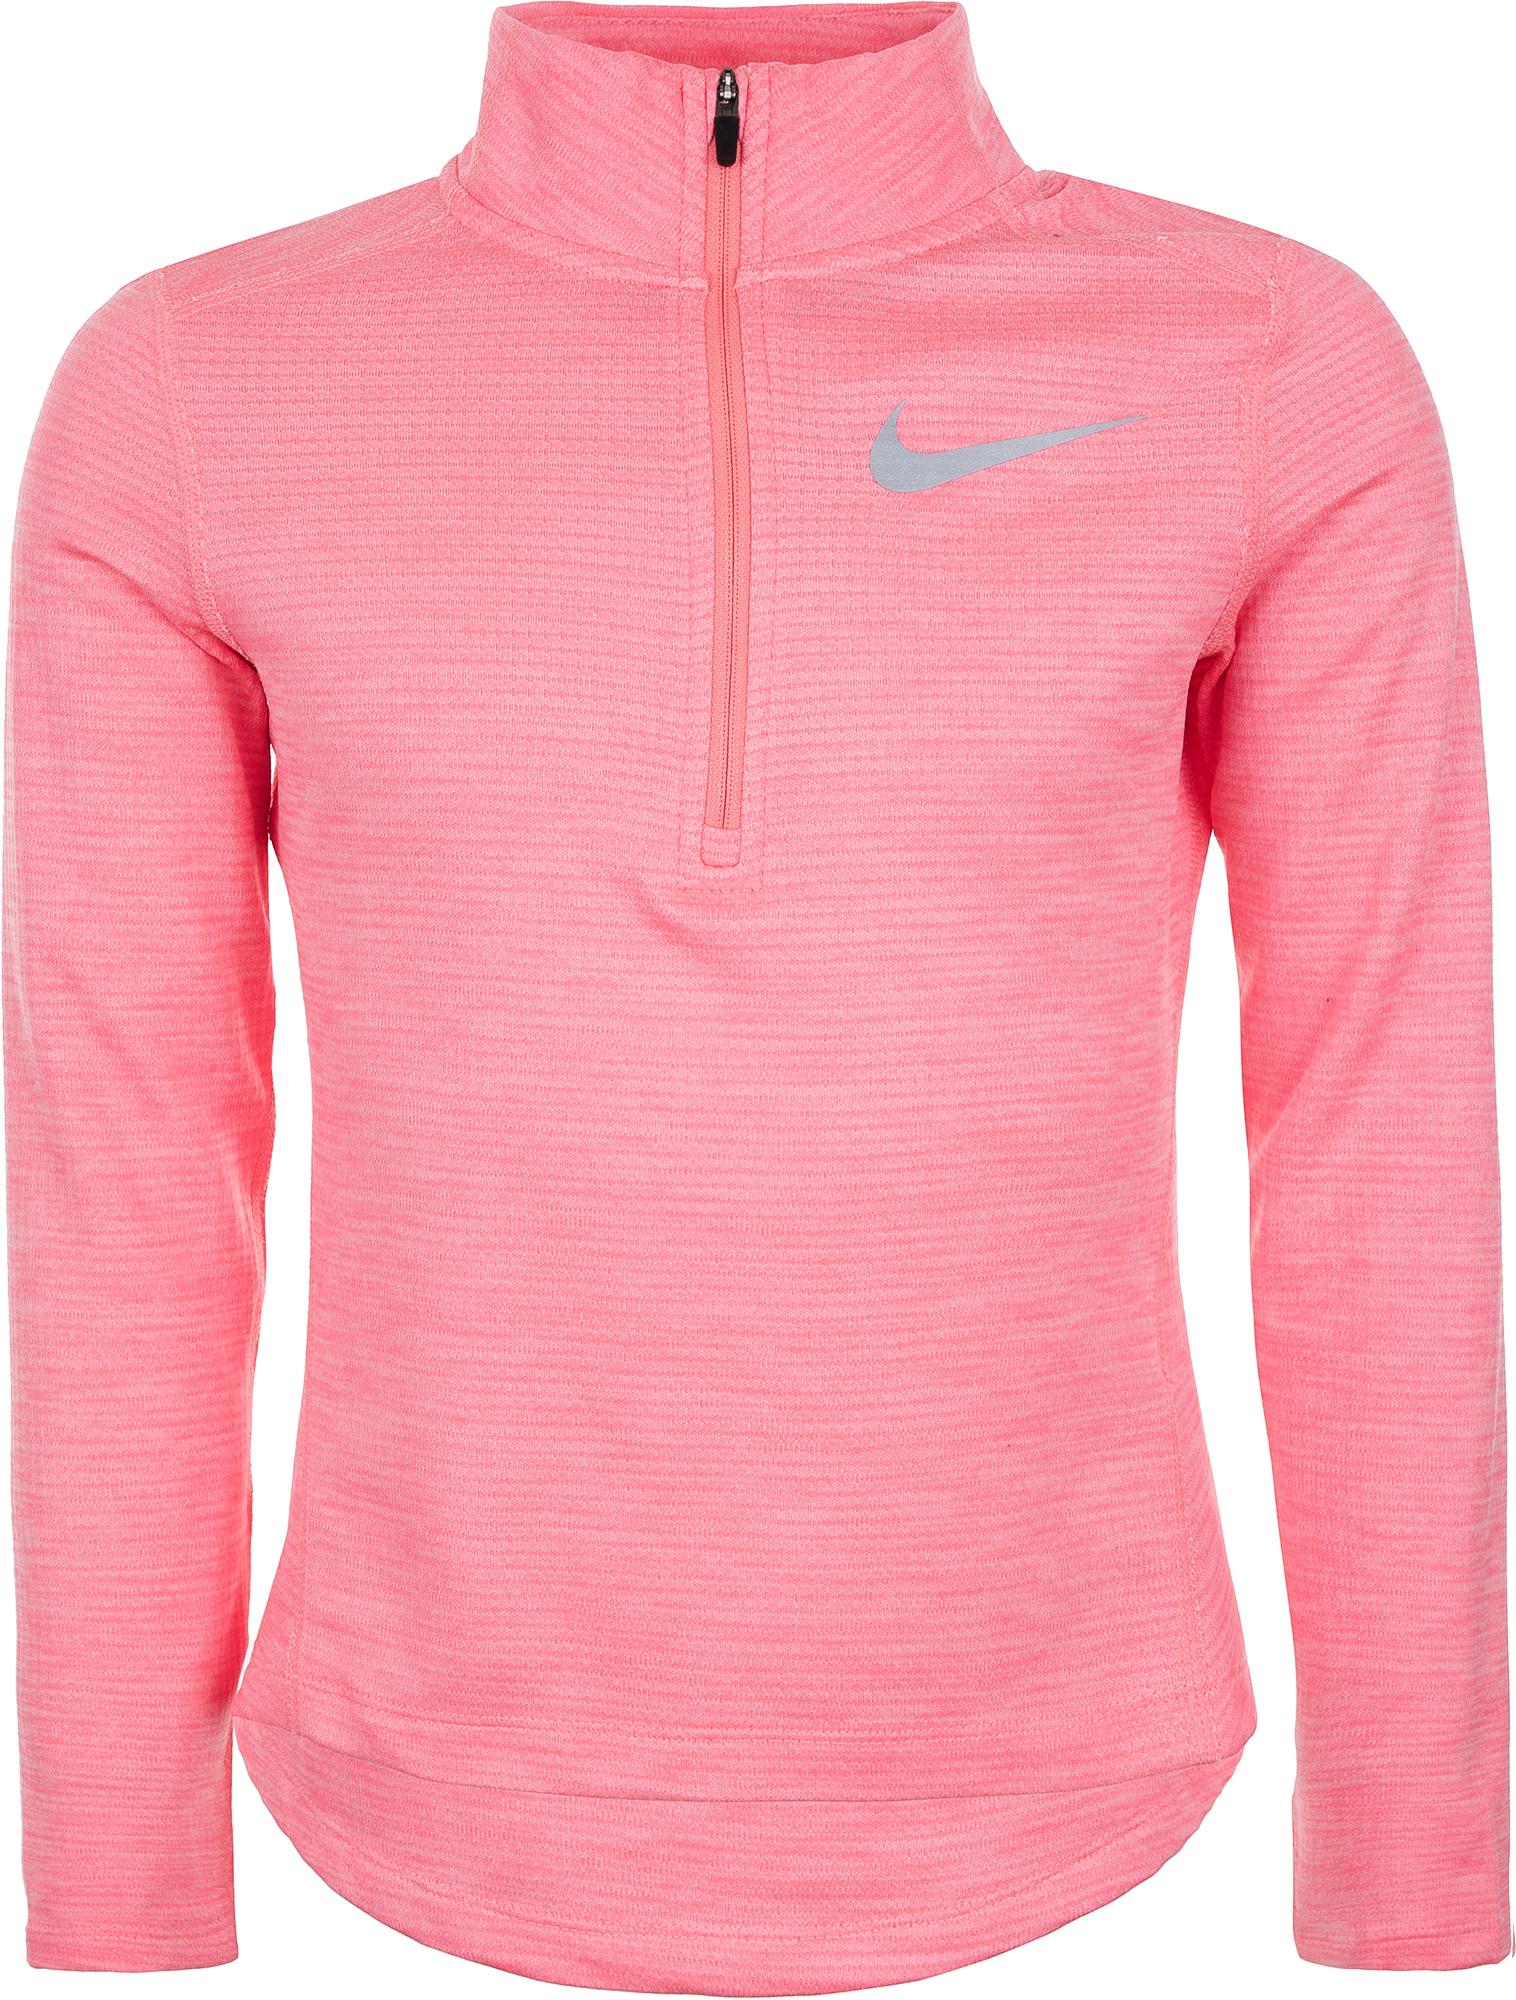 цена на Nike Олимпийка для девочек Nike, размер 156-164